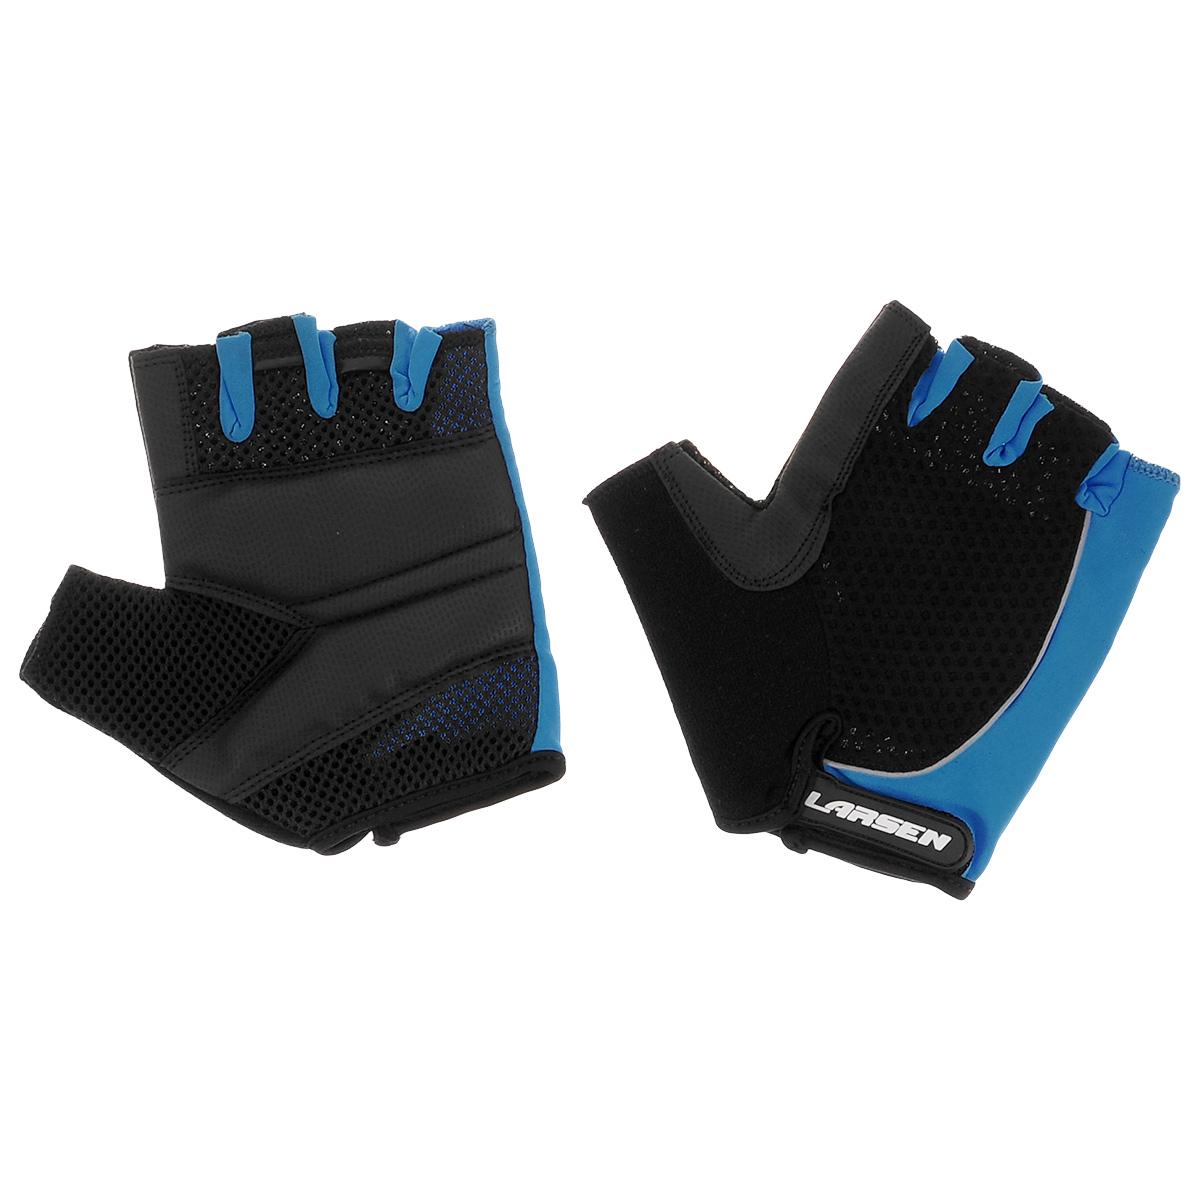 Велоперчатки Larsen, цвет: черный, синий. Размер SRivaCase 7560 redВелоперчатки Larsen выполнены из высококачественного нейлона и амары. Ладони оснащены накладкой из полиуретана для повышенного сцепления и системой Pull Off на пальцах. Застежка Velcro надежно фиксирует перчатки на руке. Сетка способствует хорошей вентиляции.